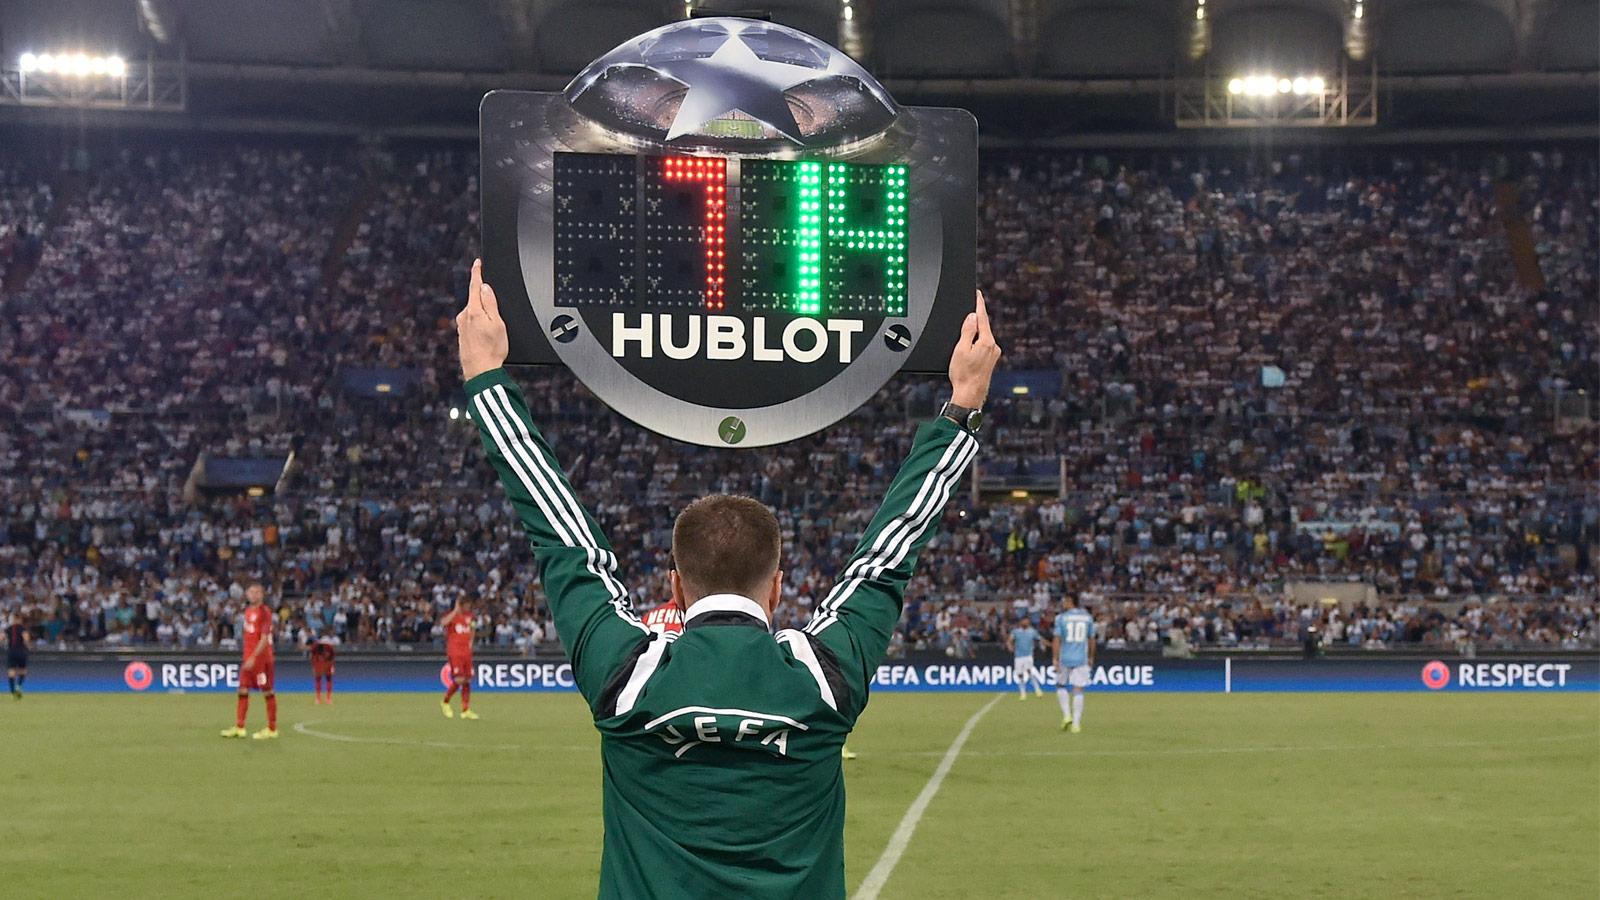 hublot-football-2.jpg